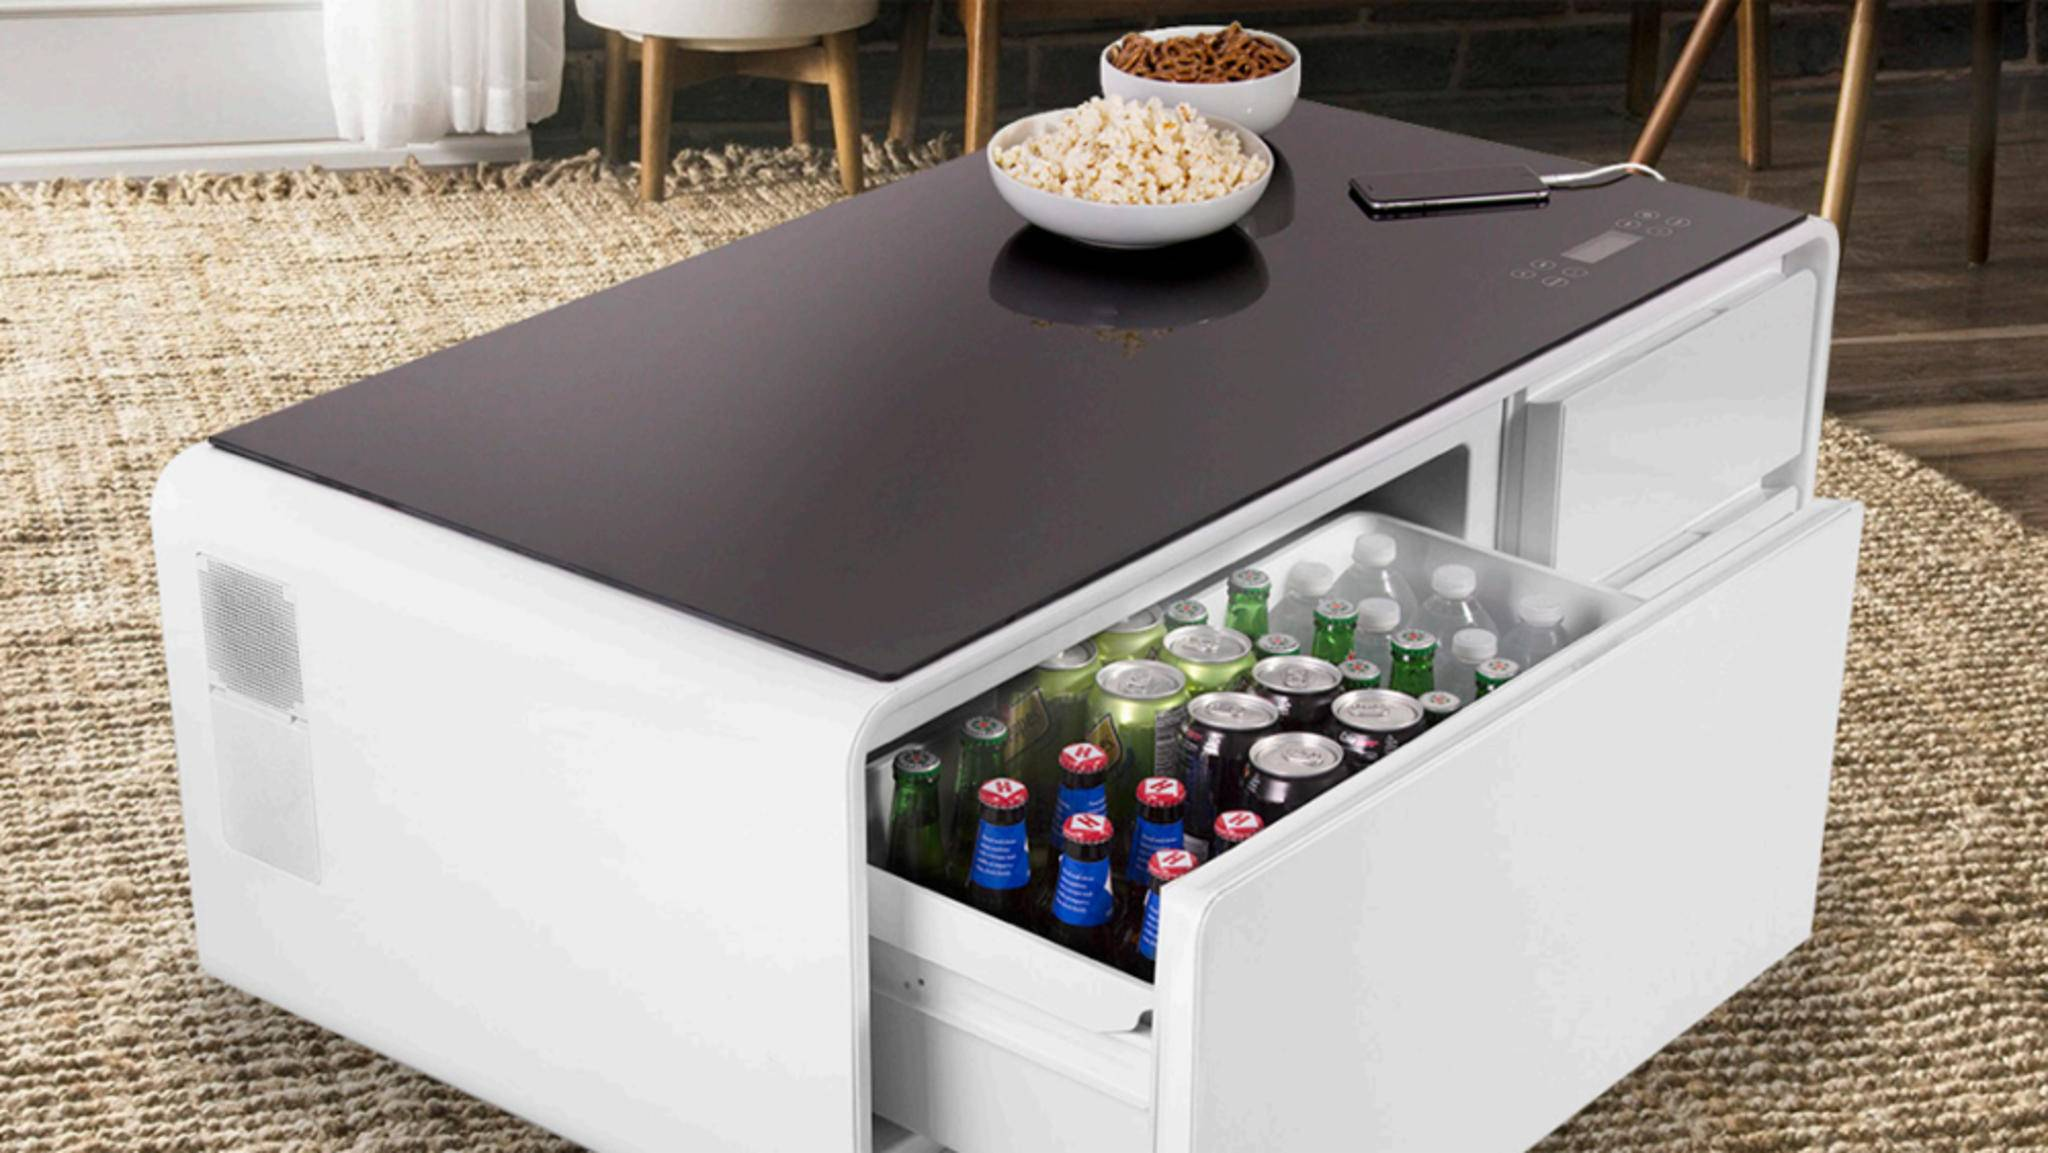 Kühlschrank Boxen Glas: Kühlschrank boxen aus glas bar mini display ...